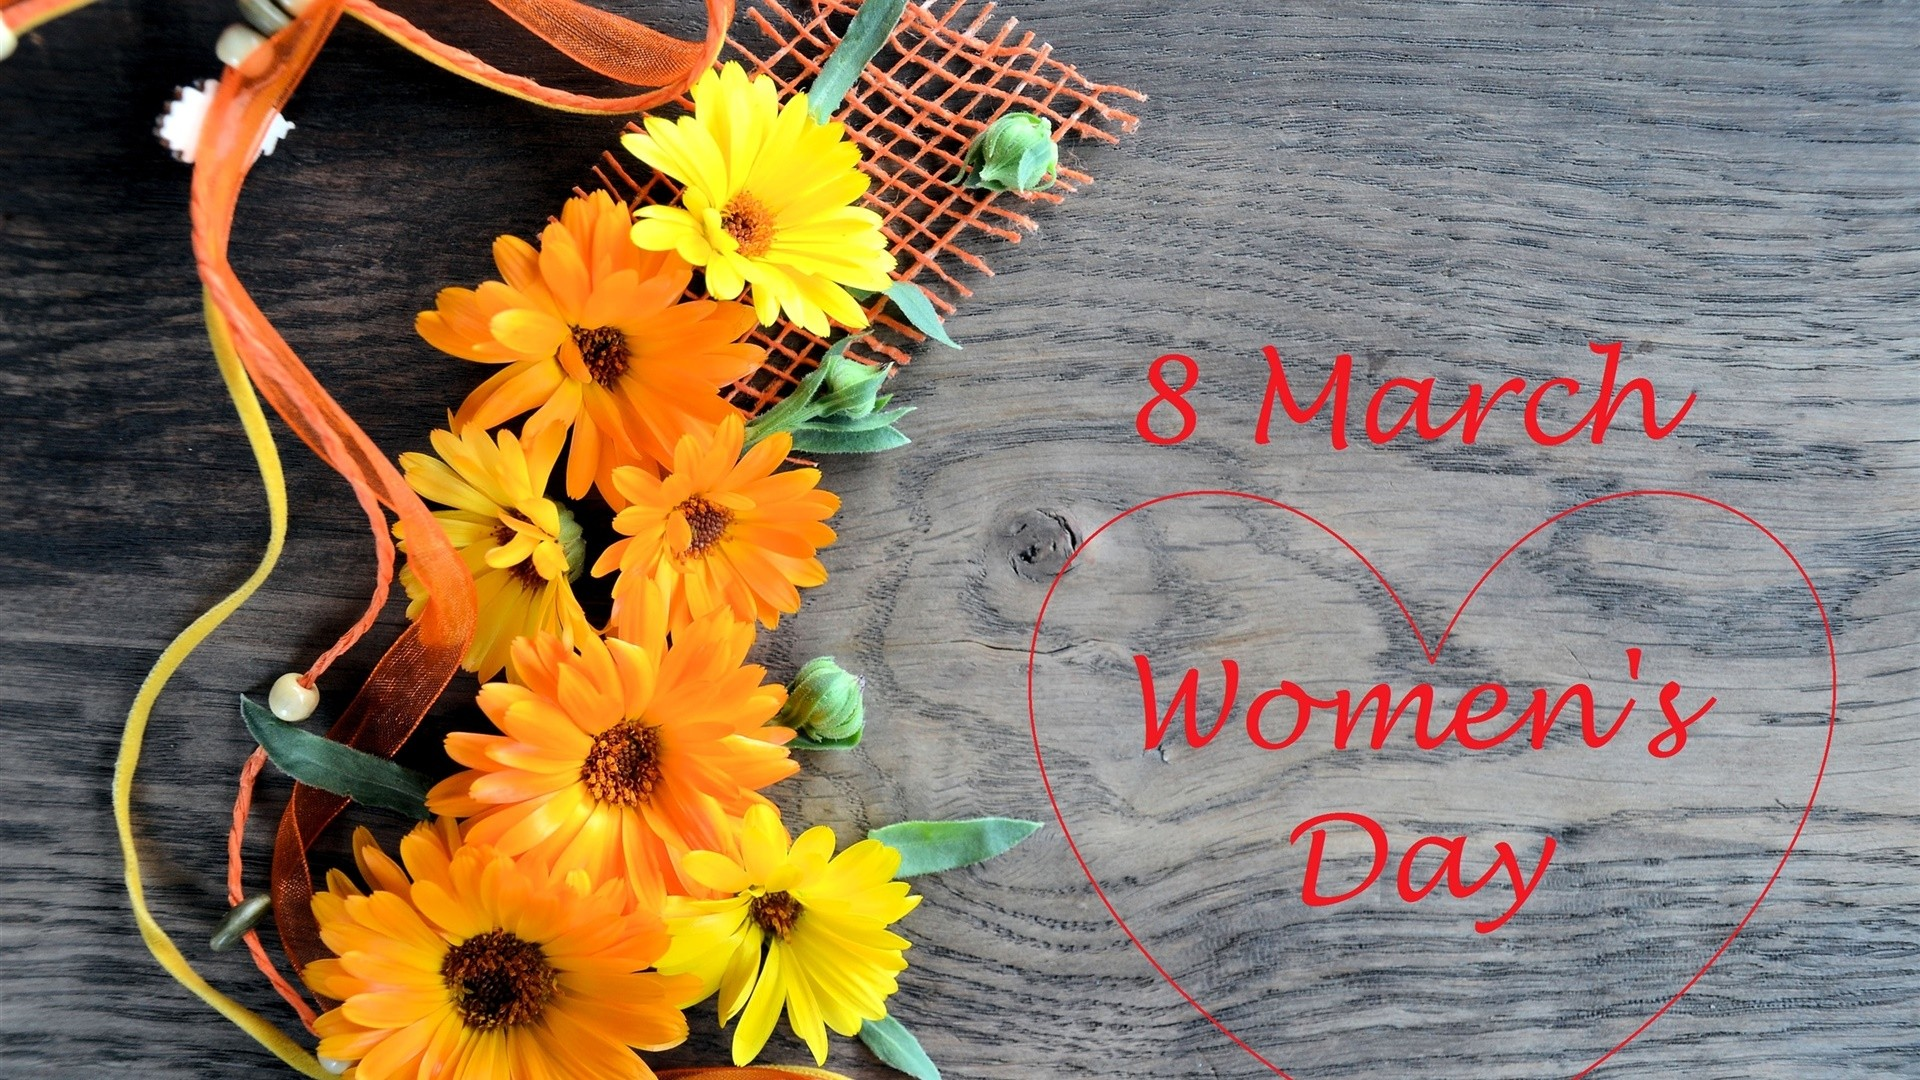 Happy Women's Day wallpaper download